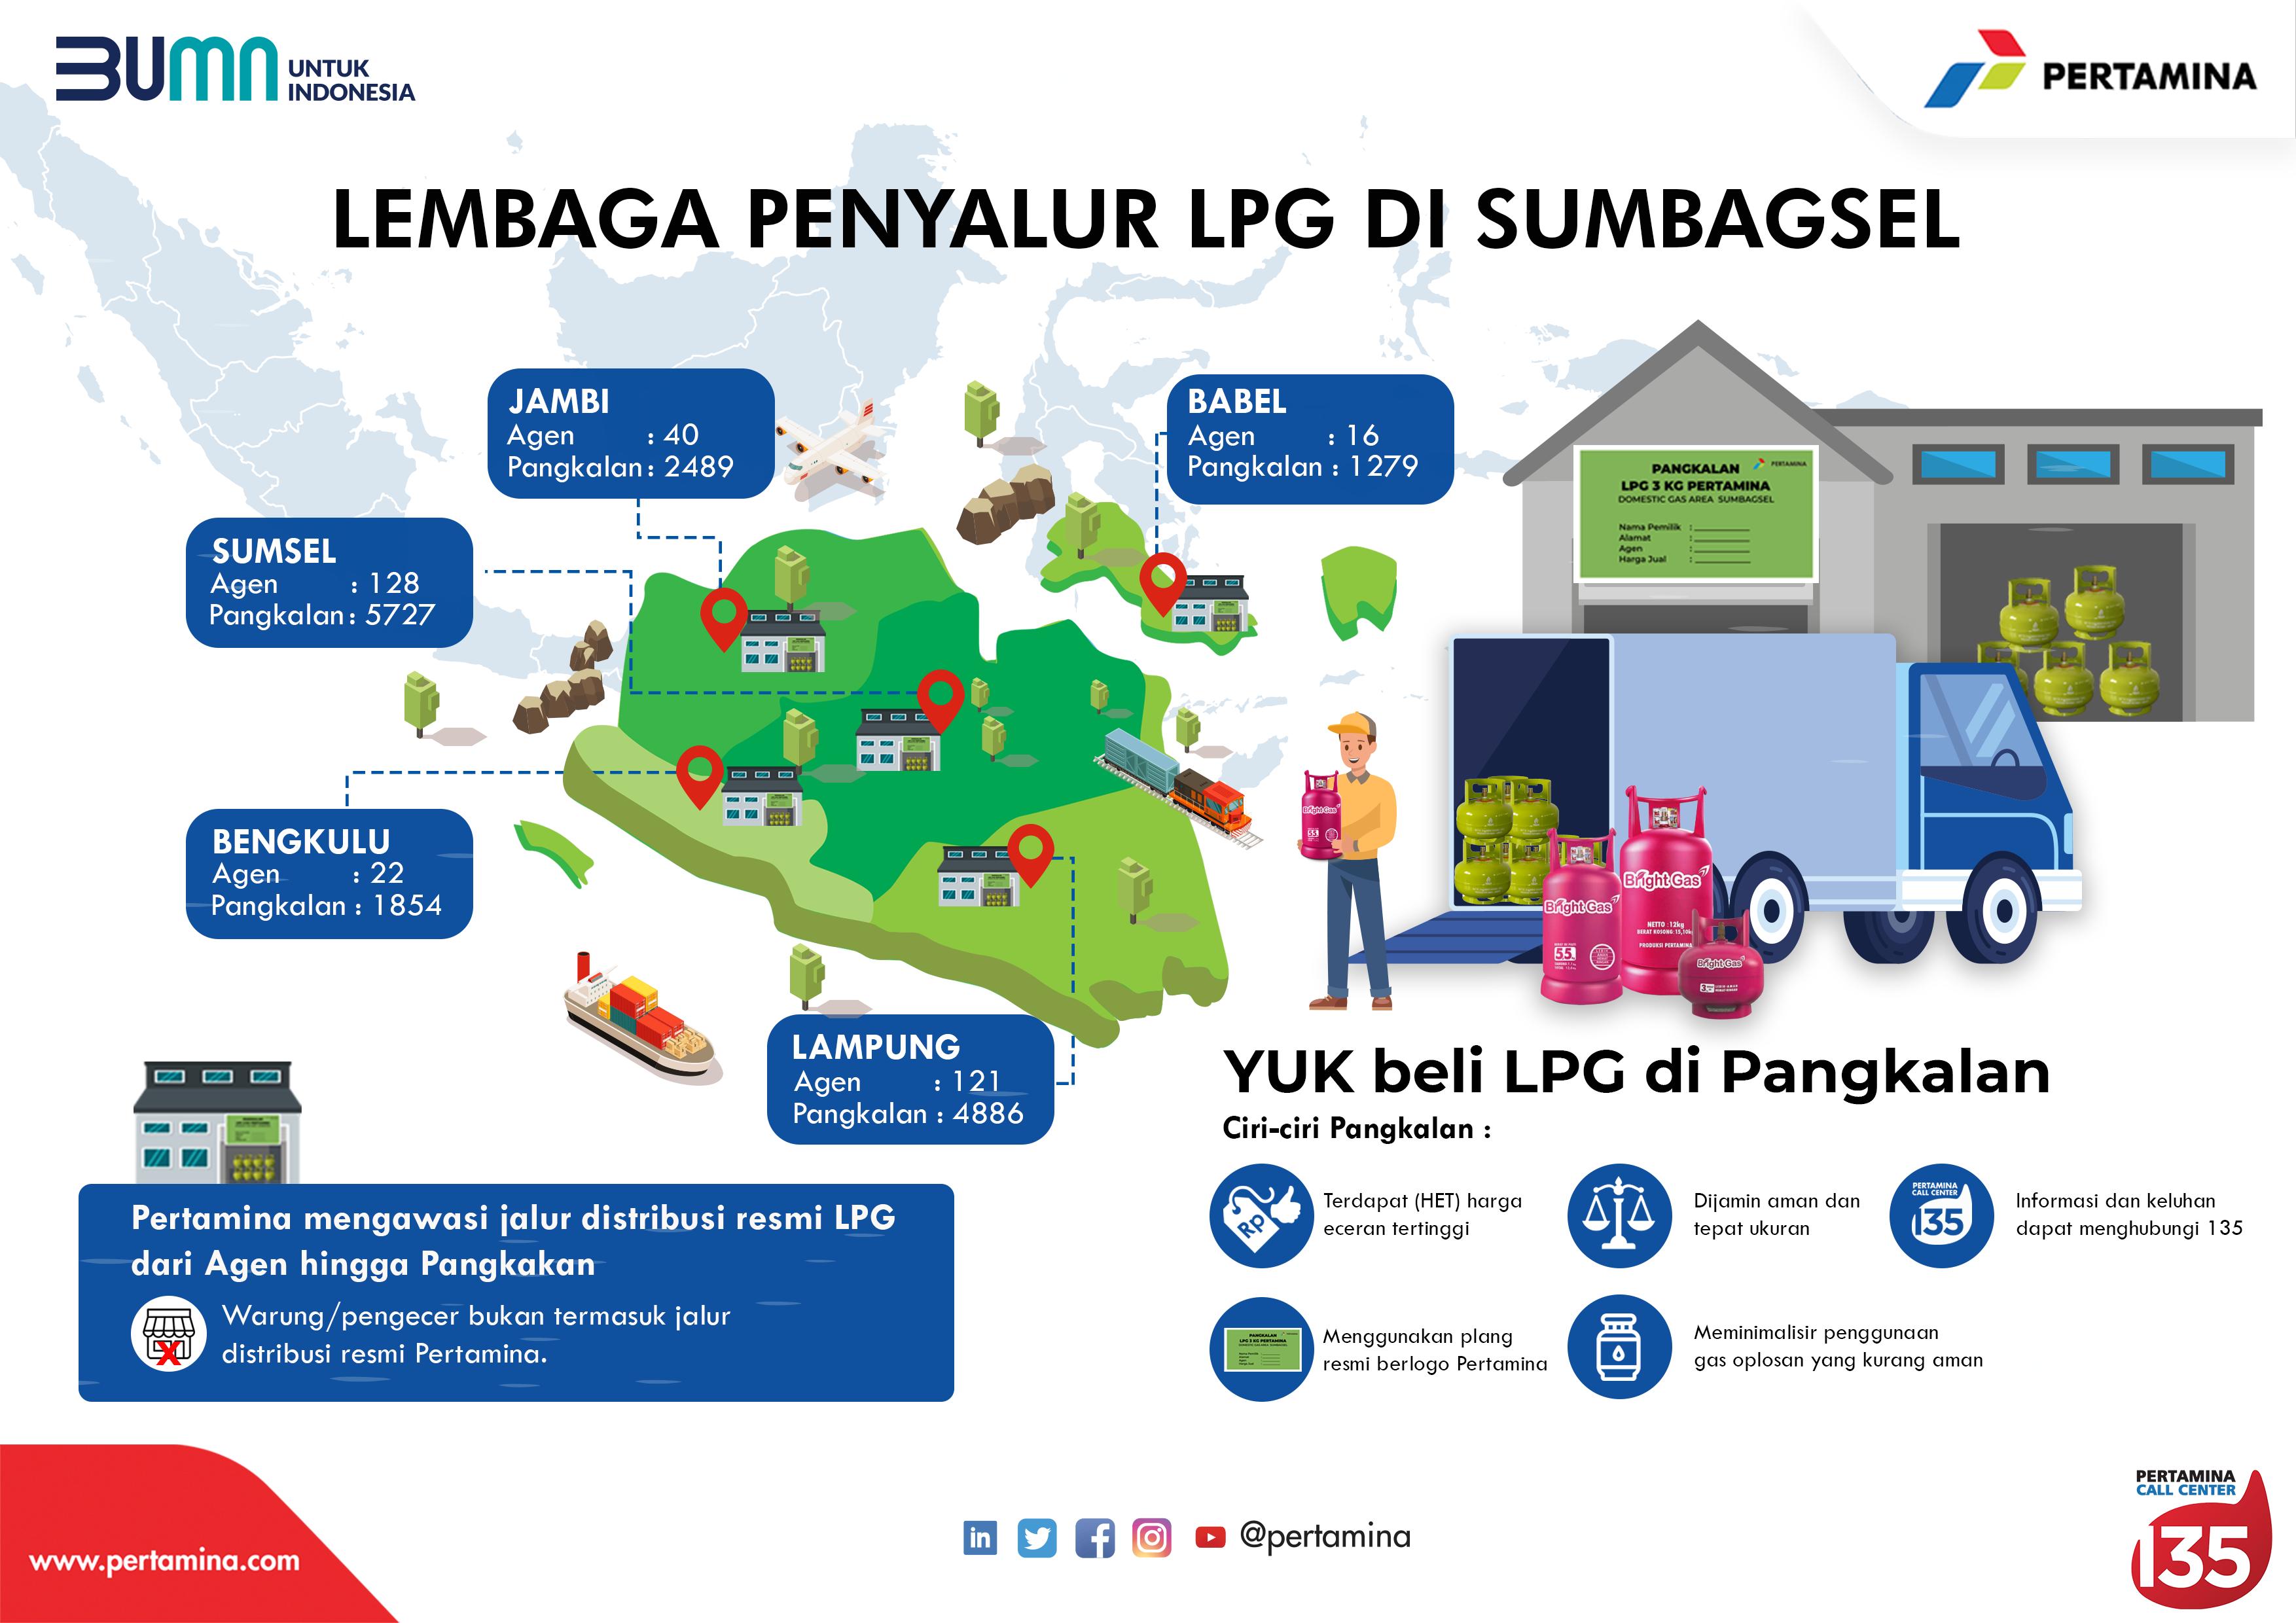 Infografis Lembaga Penyalur LPG di Sumsel